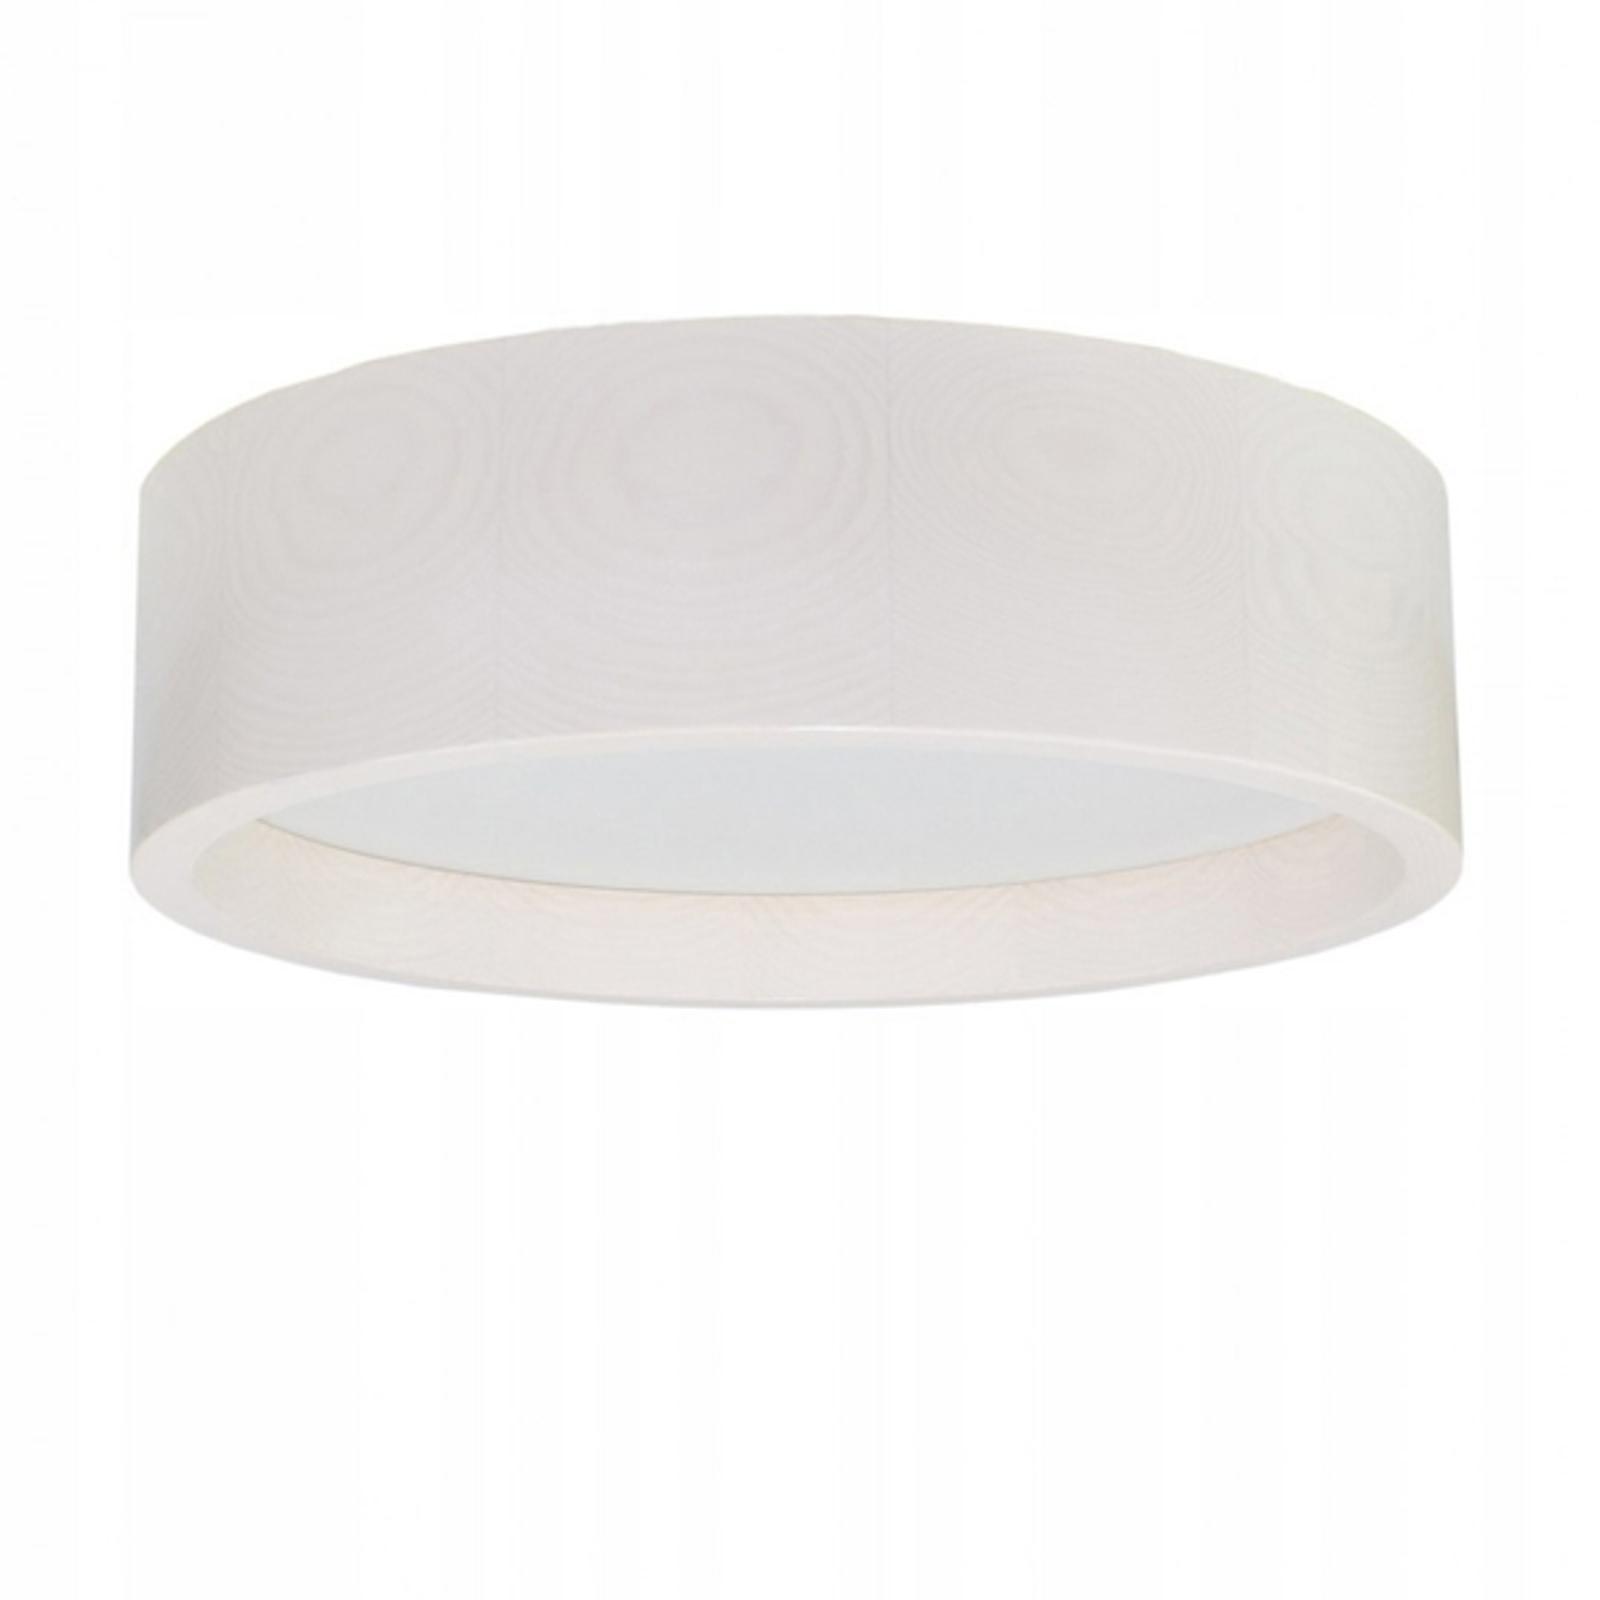 Plafonnier LED Deep, Ø 38cm, blanc